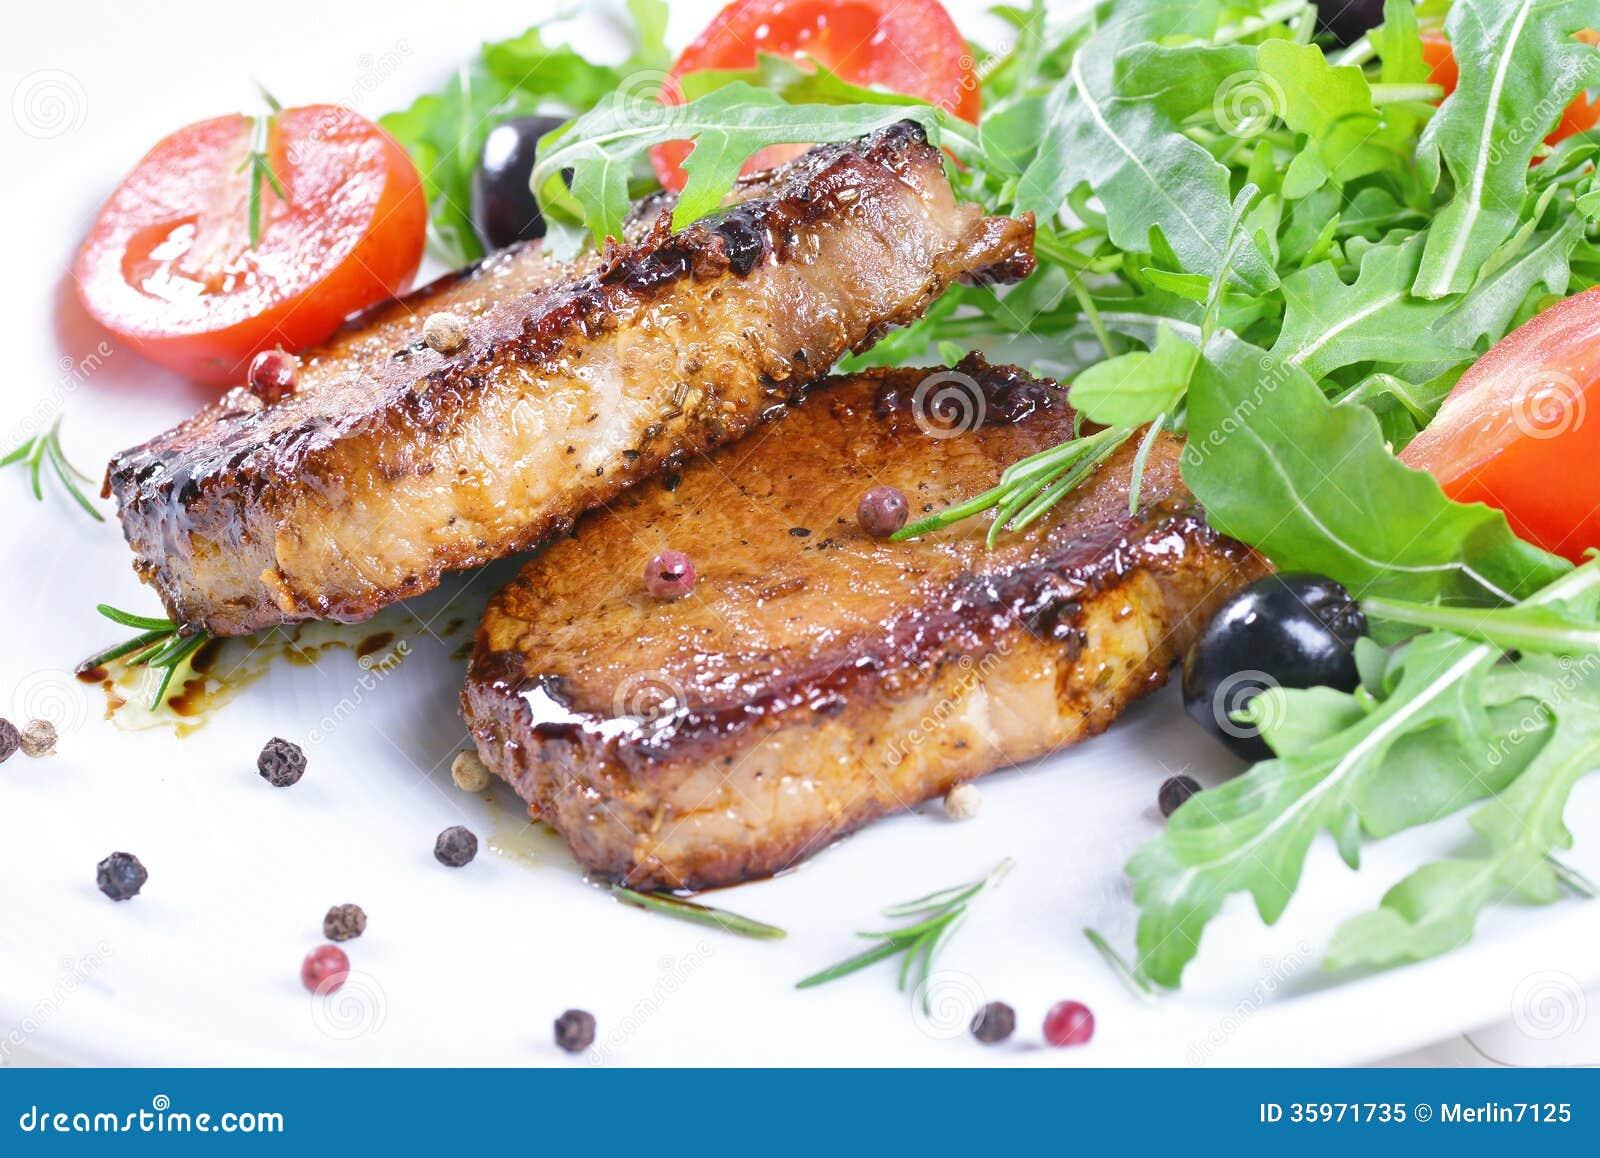 Filetes y verduras asados a la parrilla.